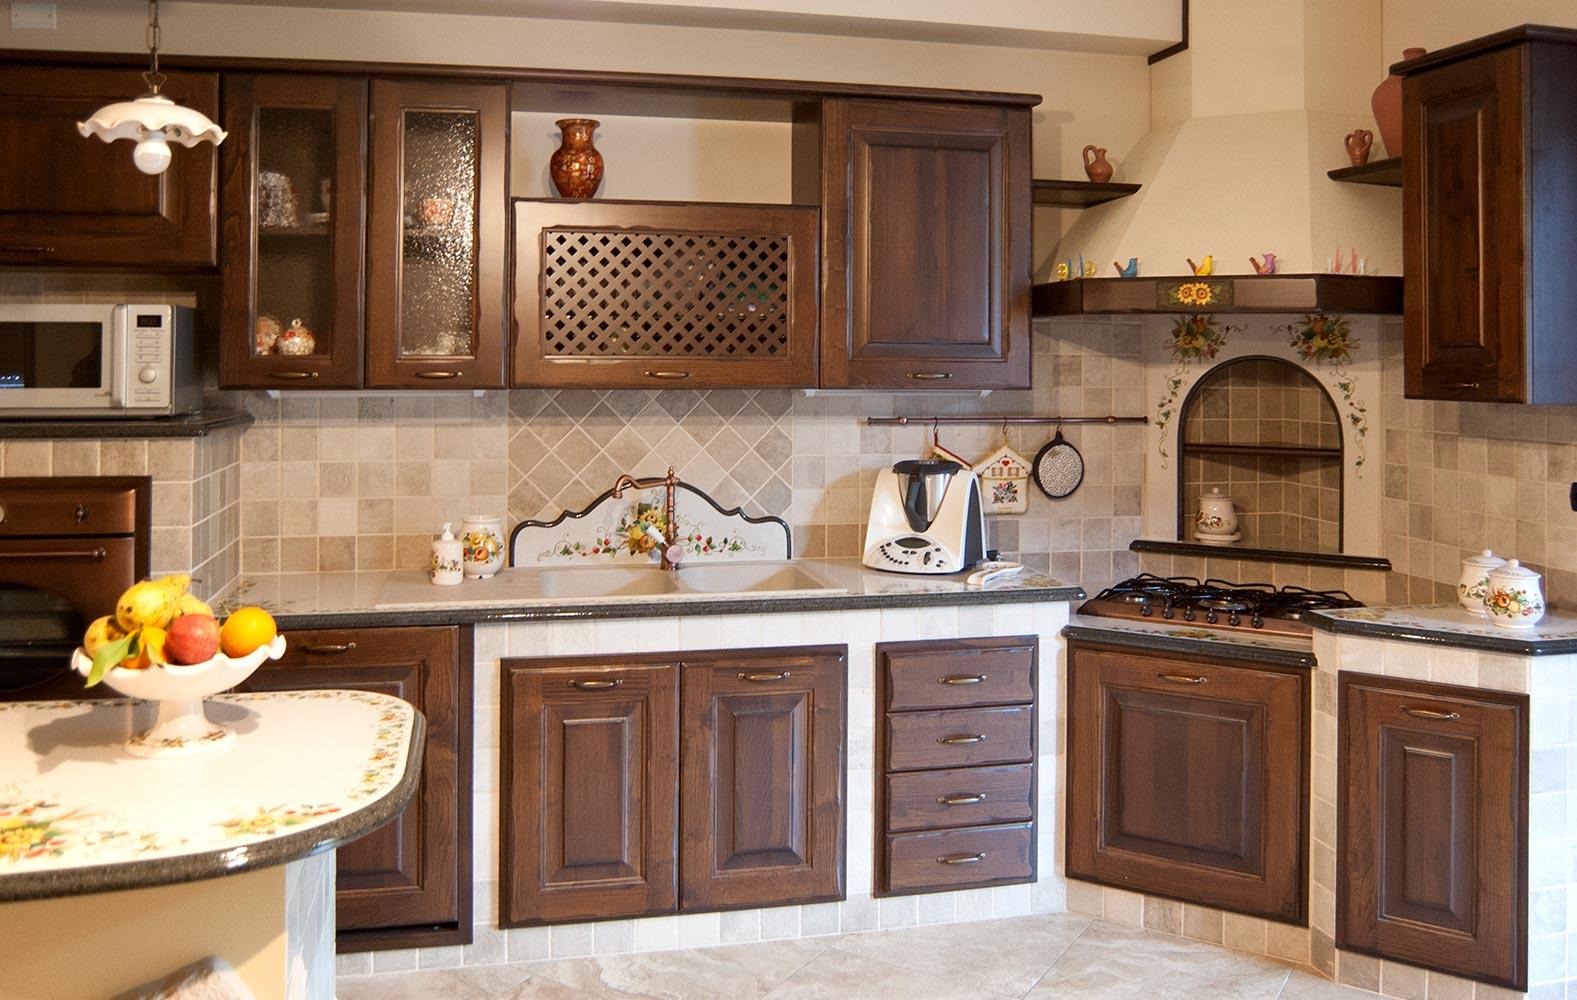 Cucine in muratura smontabile con top in pietra lavica - Modelli di cucina in muratura ...